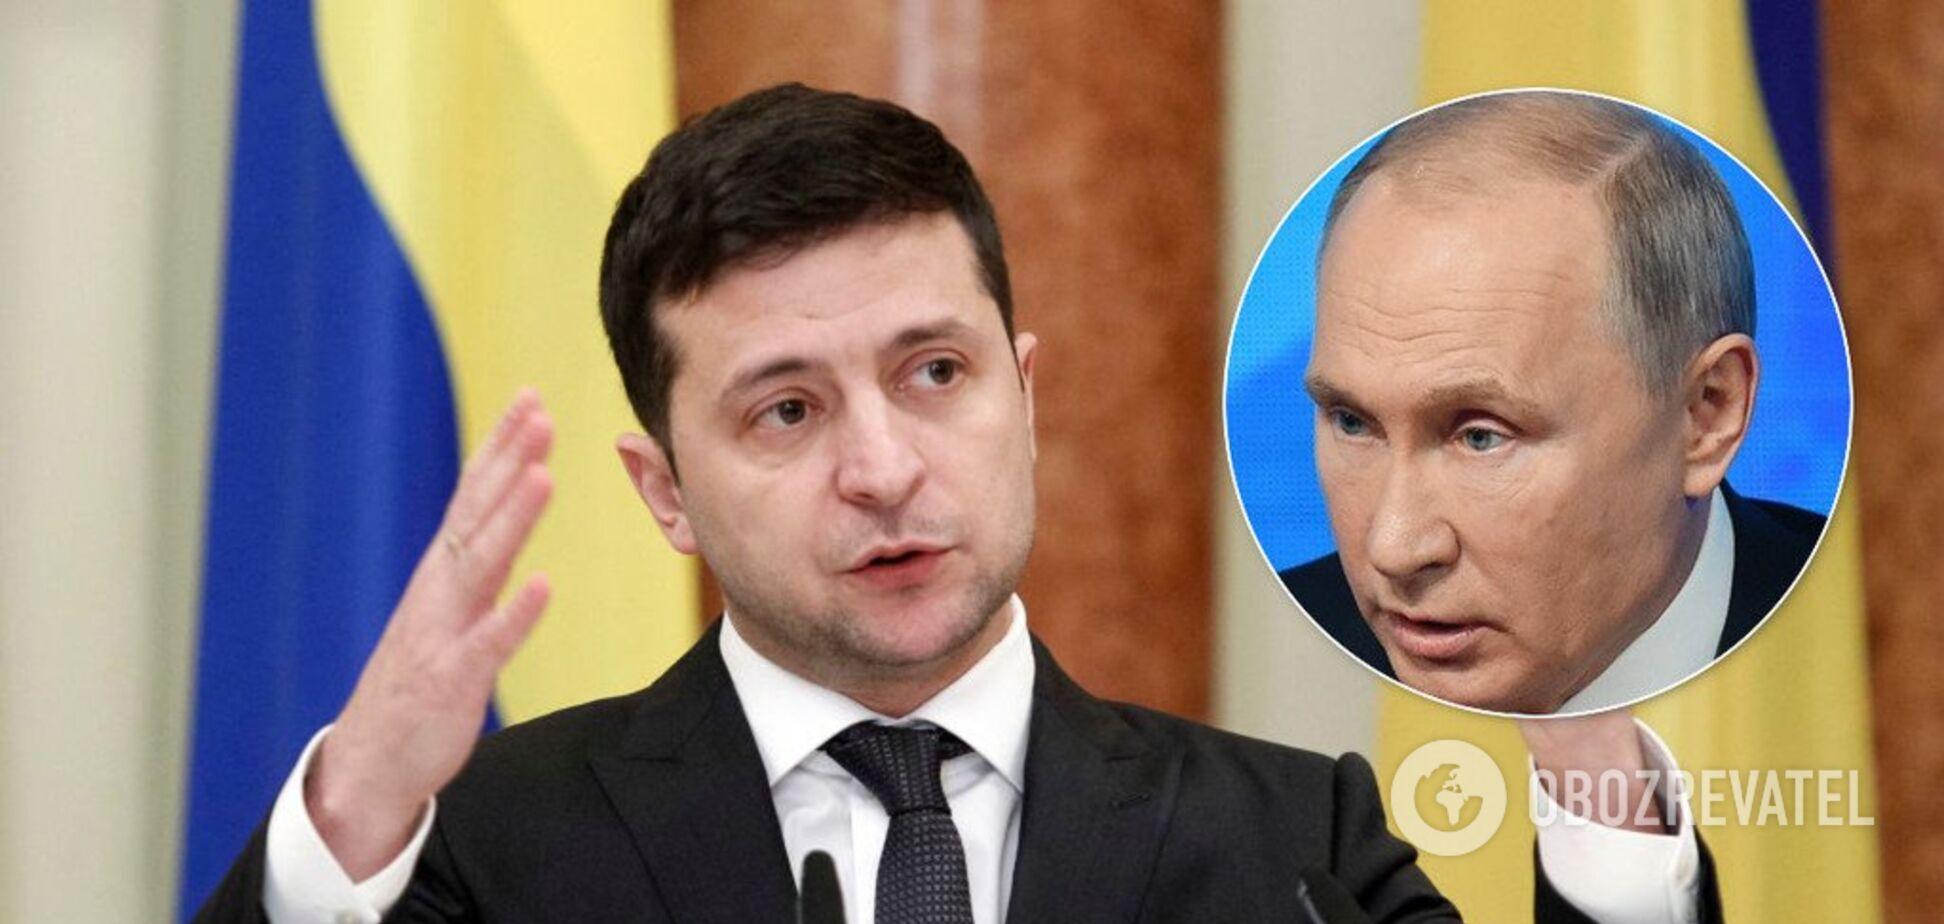 Зеленский предложит Путину 'муниципальную стражу' Донбасса: в Кремле ответили